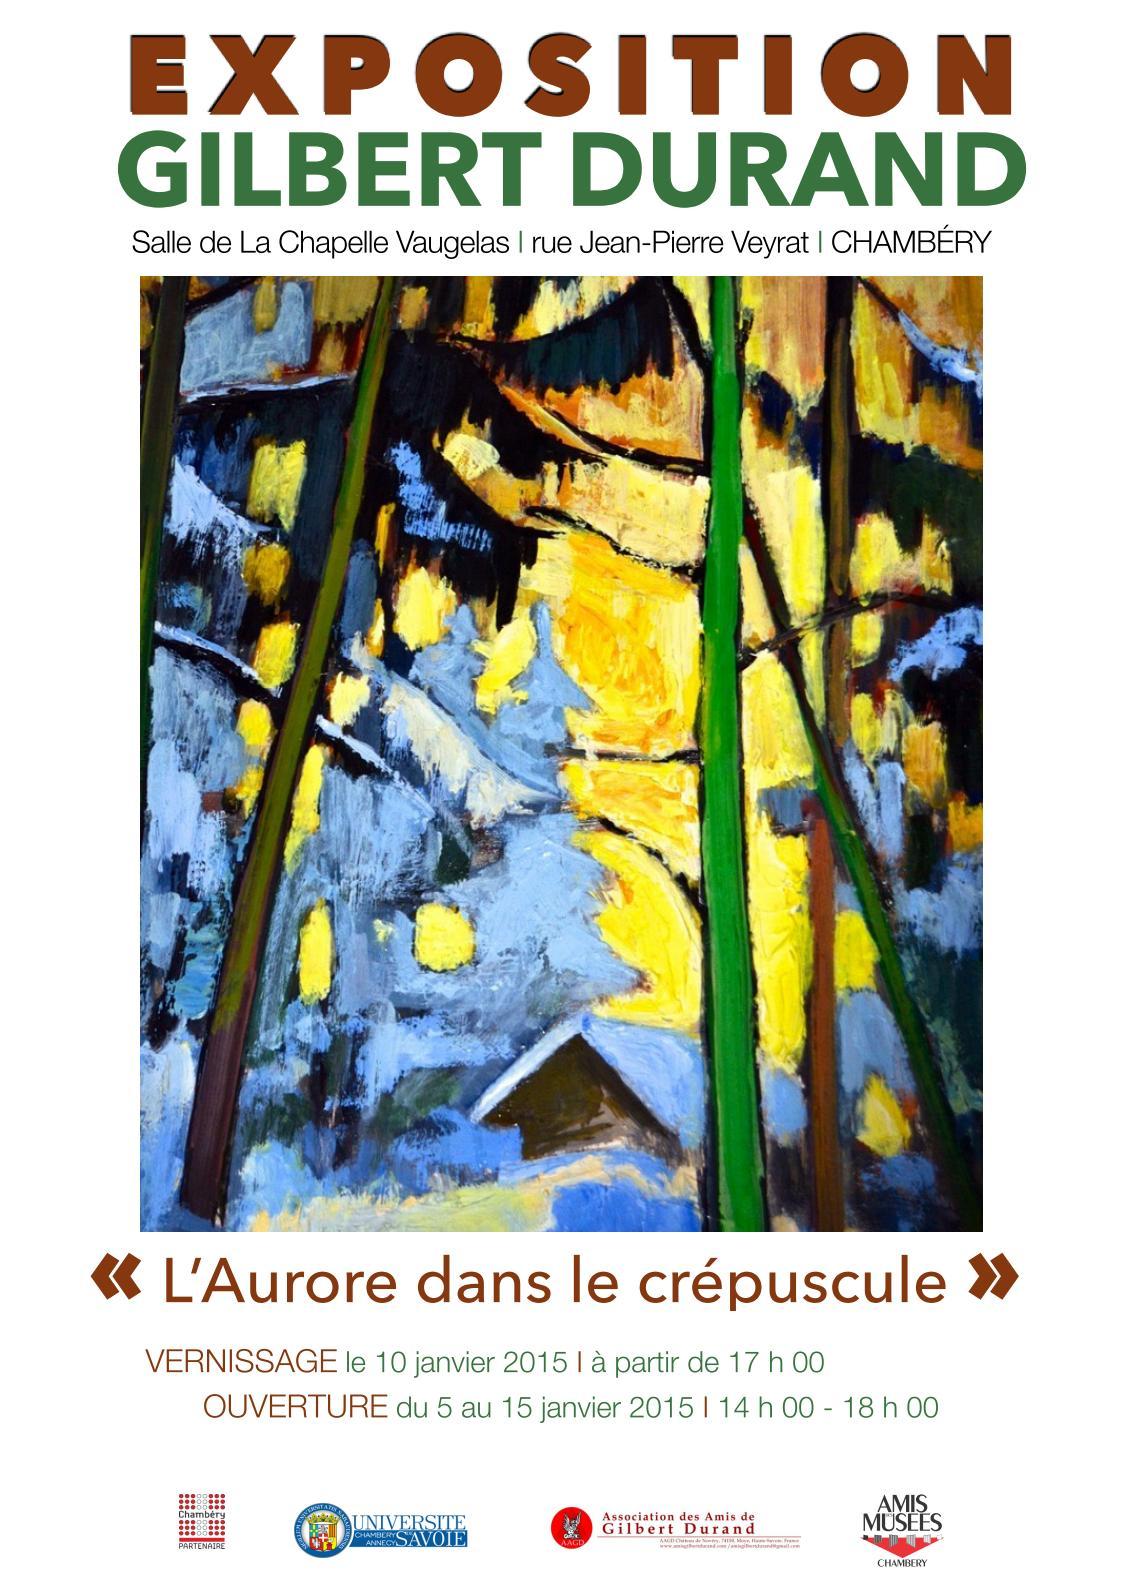 http://amisgilbertdurand.com/exposition-gilbert-durand/